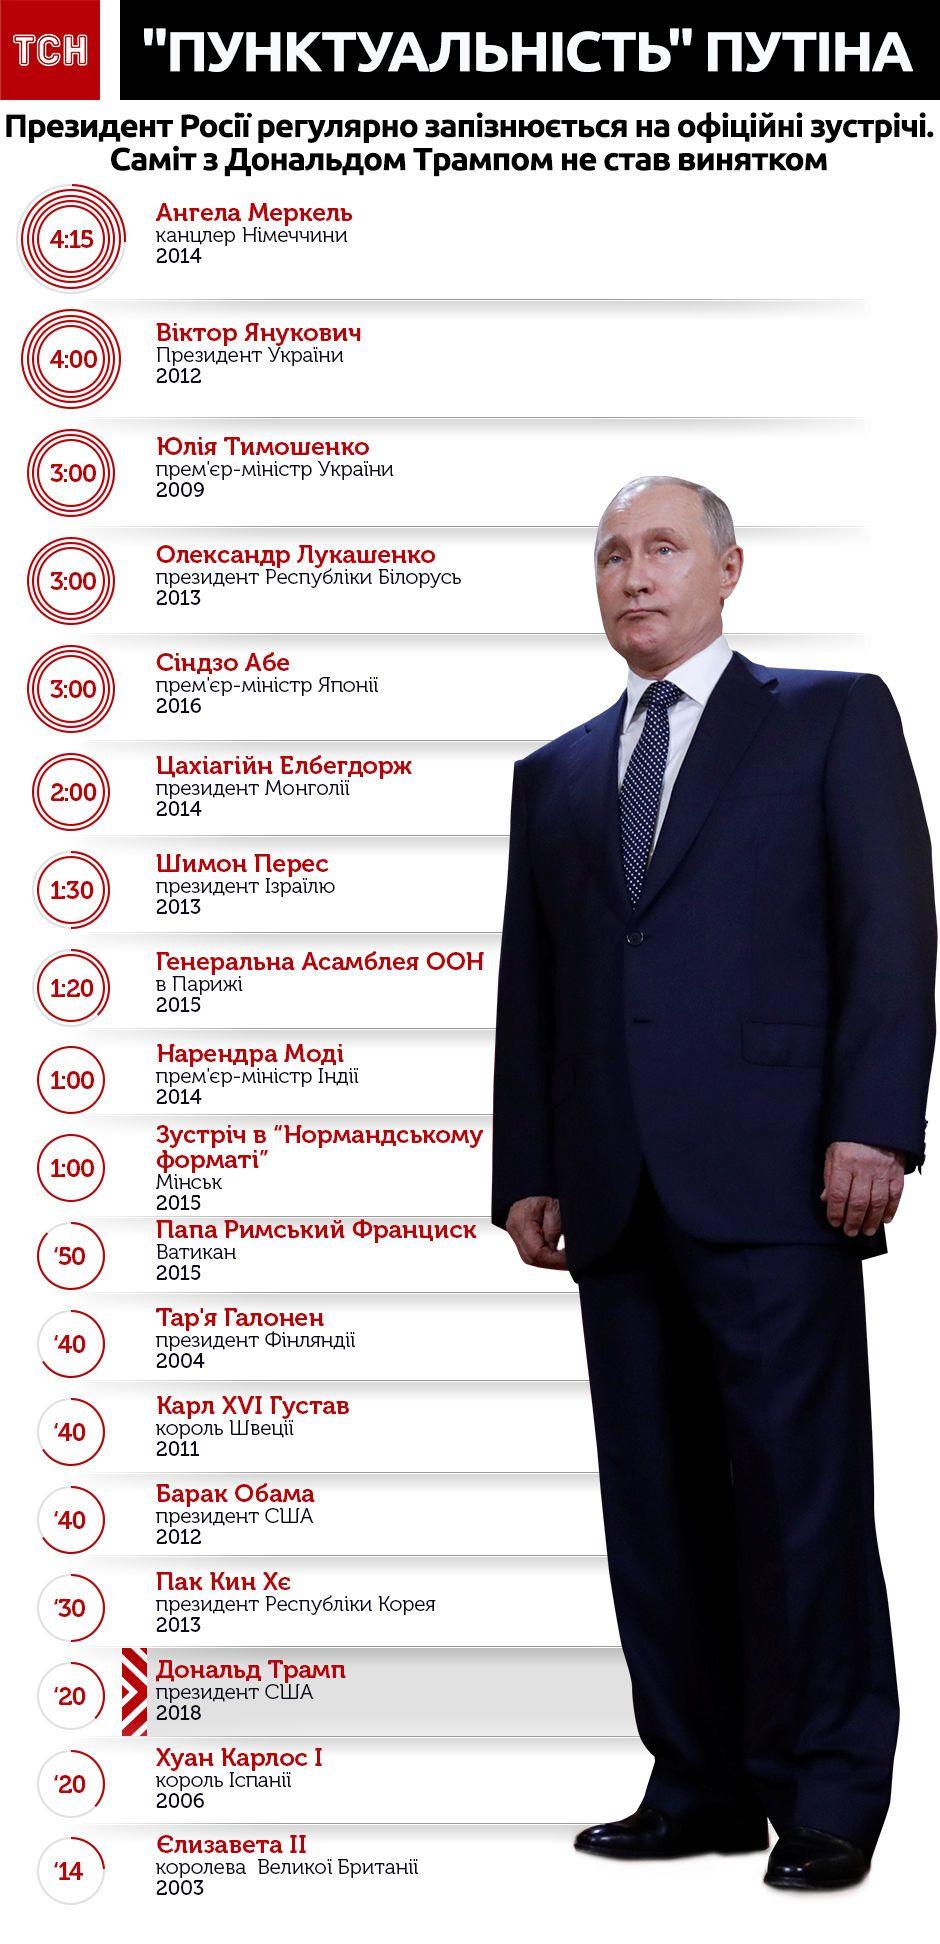 Путін запізнюється. інфографіка